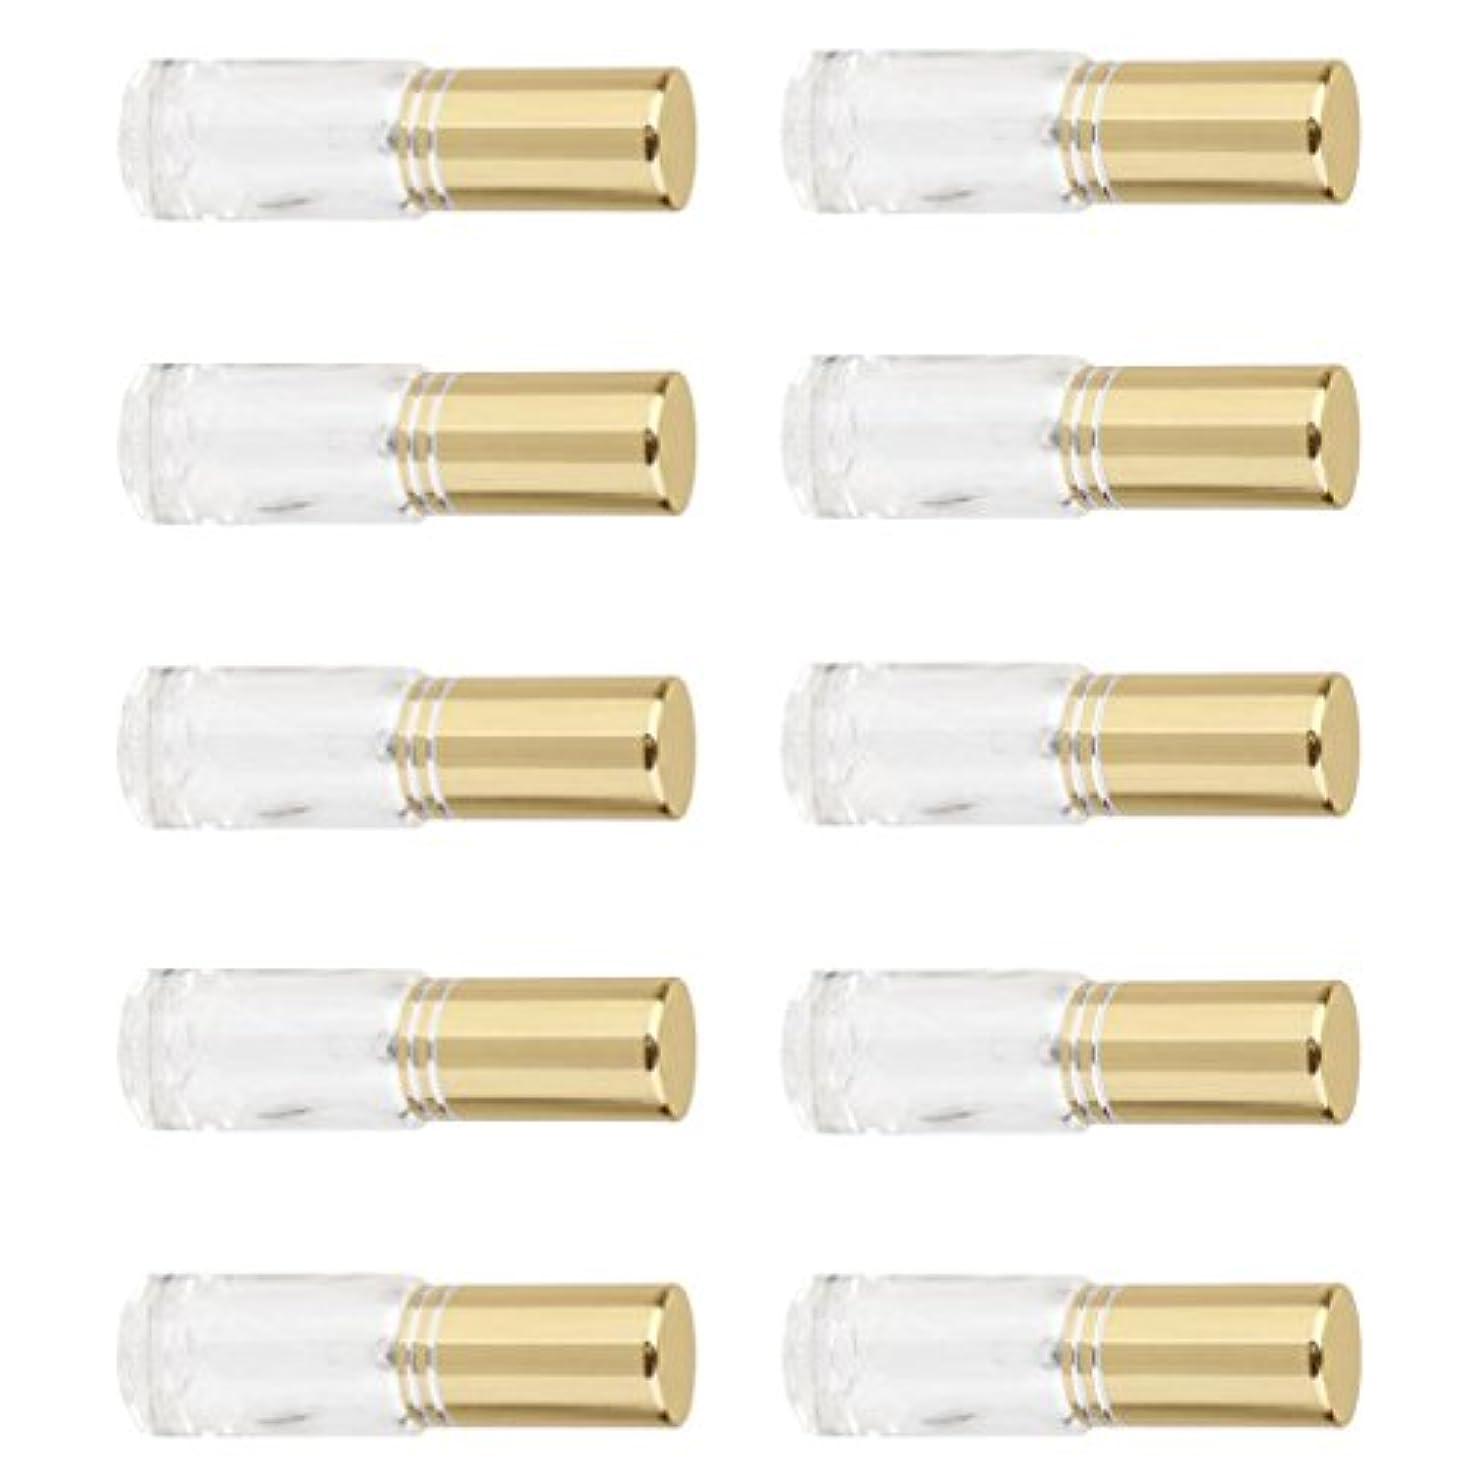 待って不潔蒸発SONONIA 10個 お買い得 男女兼用 5ml ミニ ガラス 詰め替え可能 香水 空き瓶 アトマイザー ポンプ スプレー 香水瓶 容器